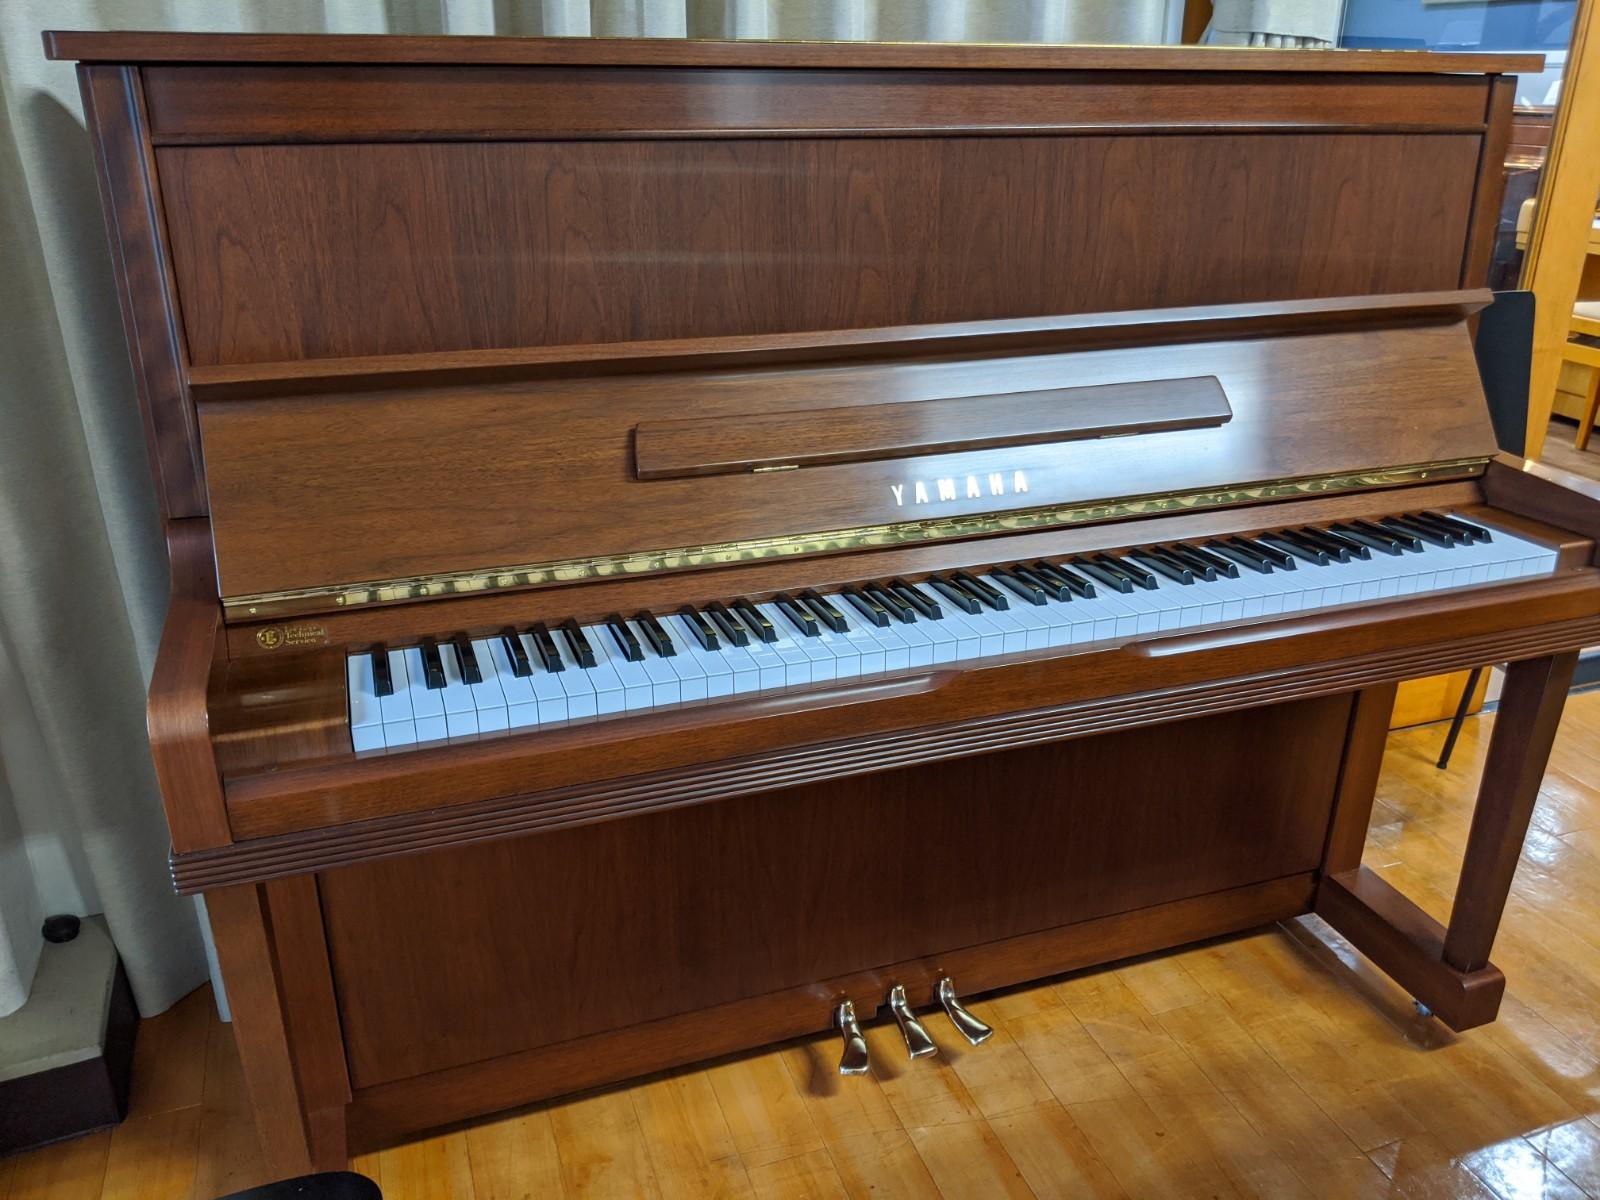 YAMAHA U100Wn【中古ピアノ】